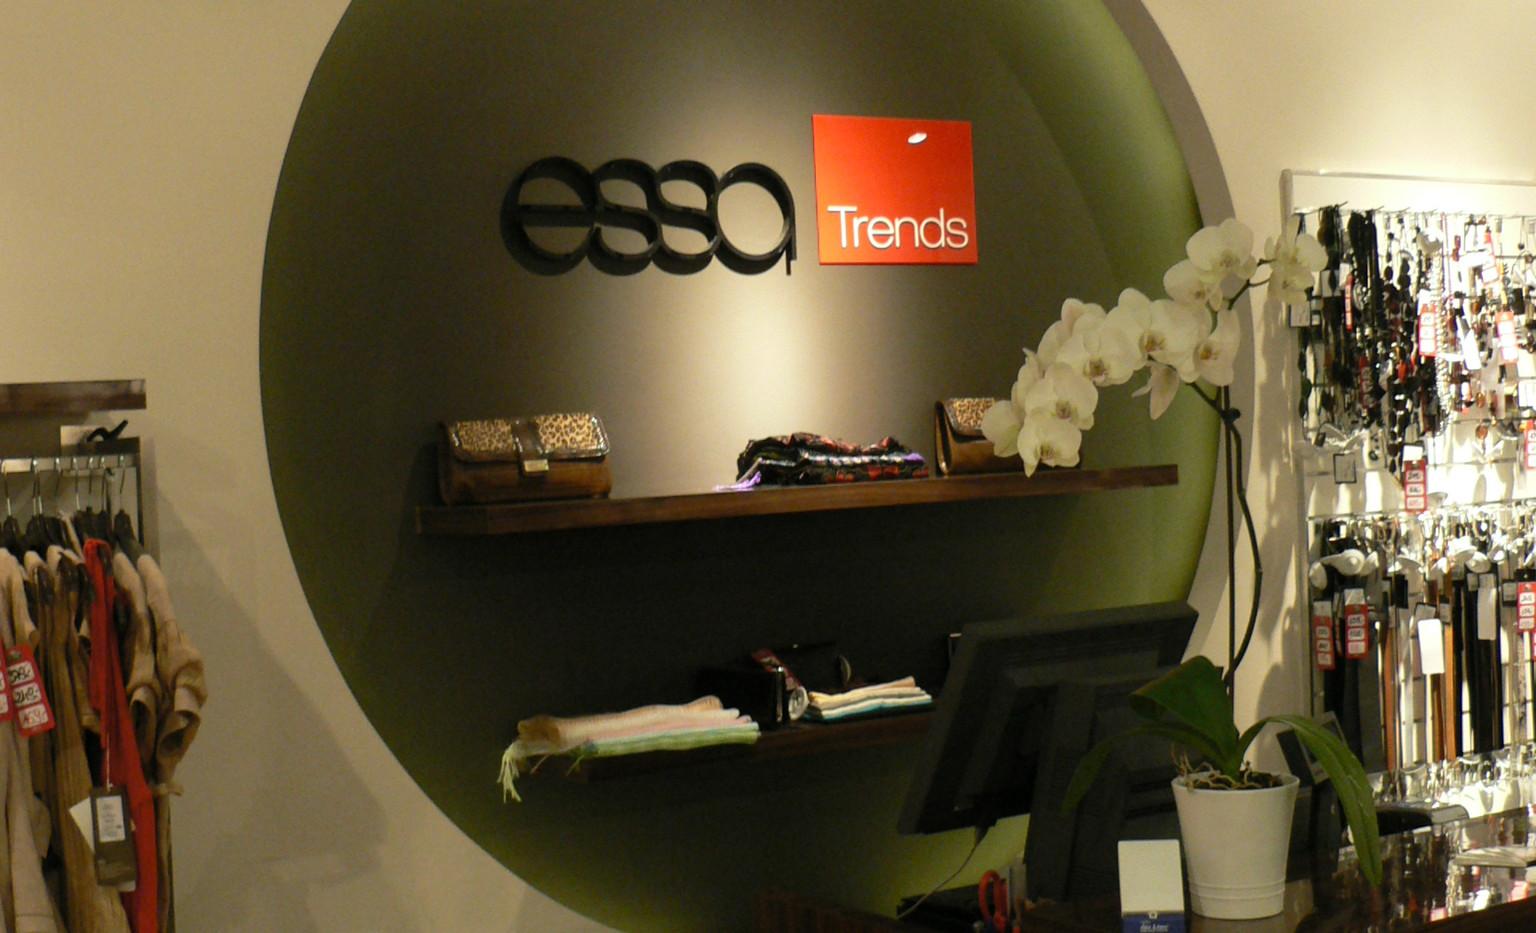 ESSA Trends